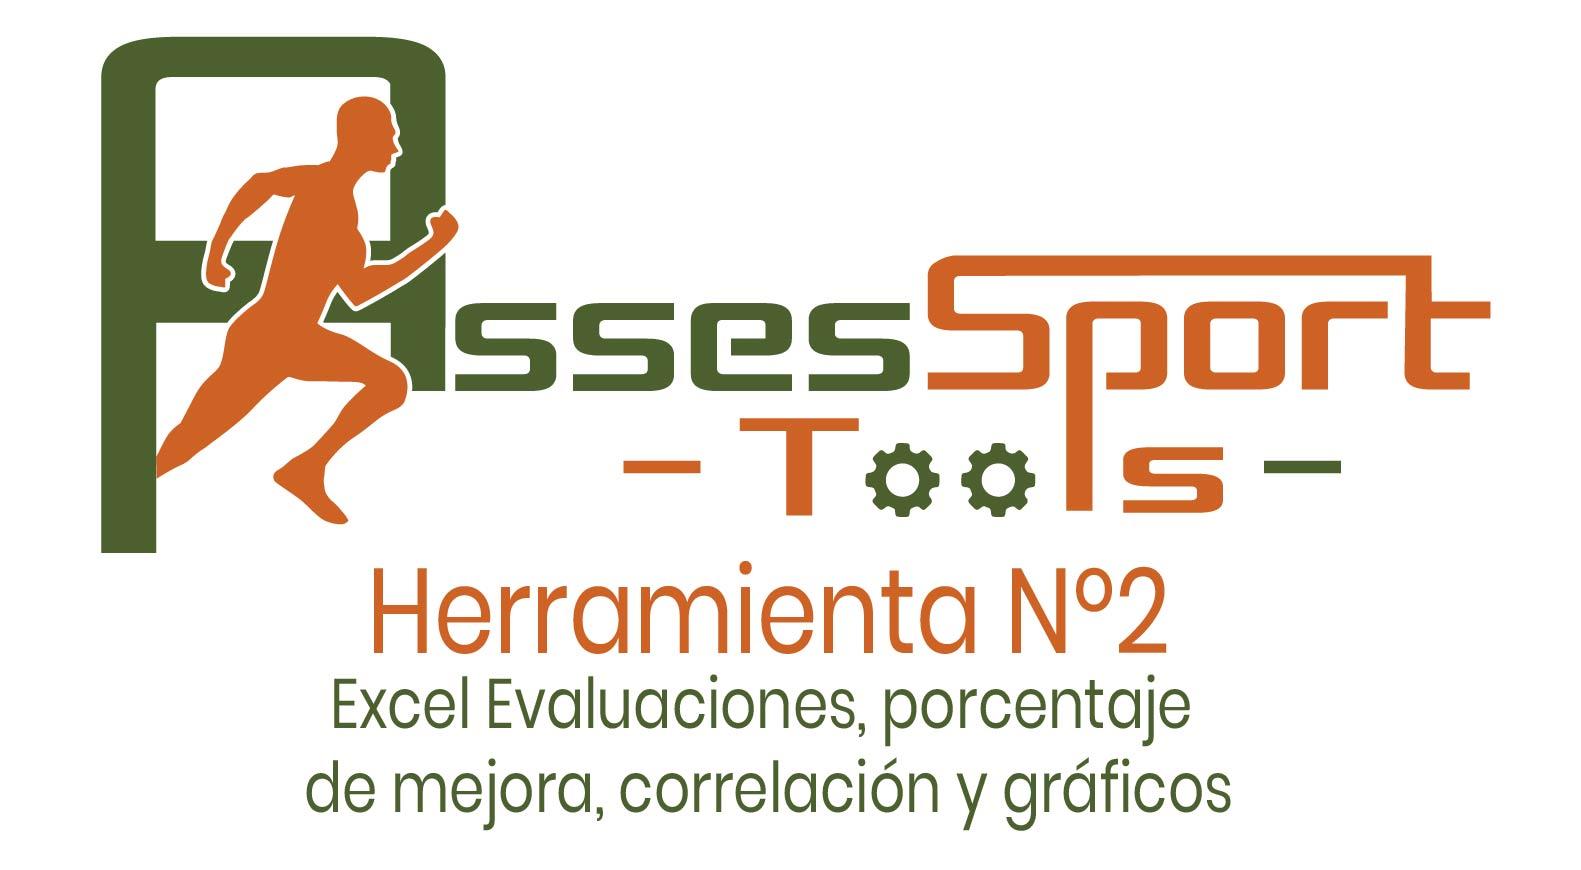 Excel Evaluaciones, porcentaje de mejora, correlación y gráficos | Herramienta Nº2 – Assessport Tools